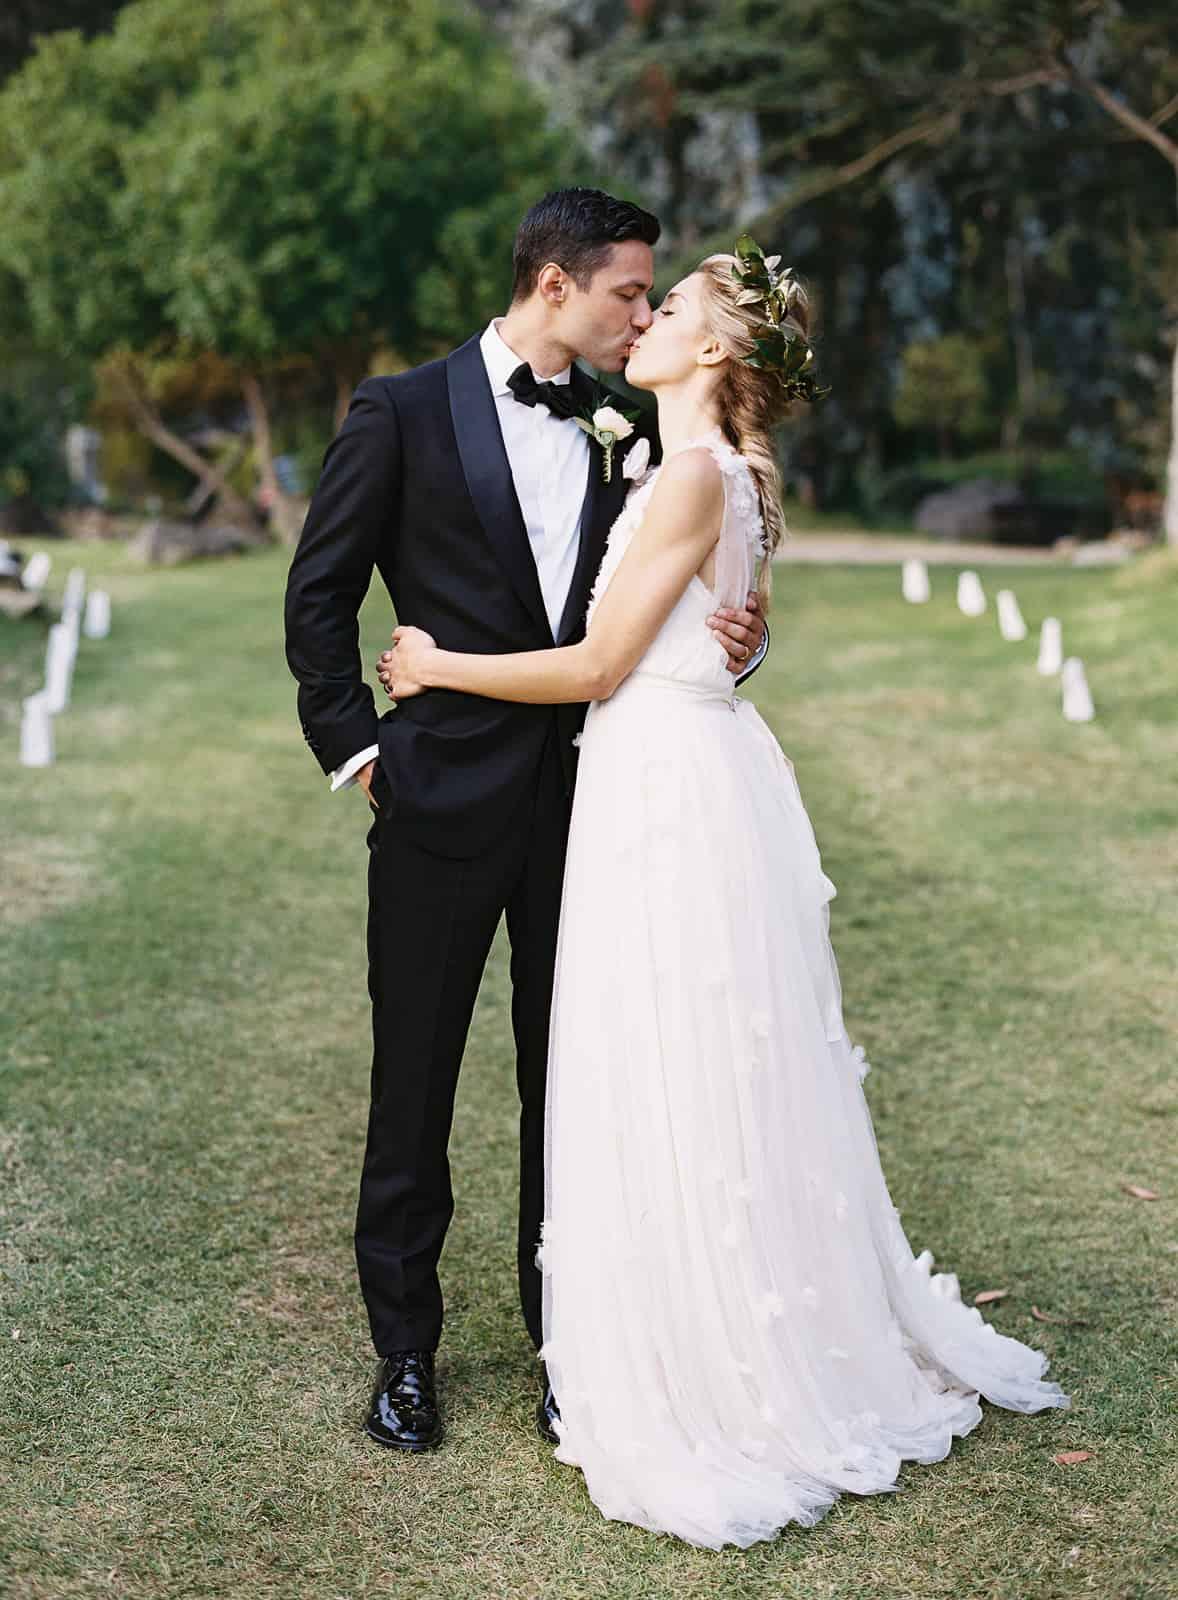 romantic kiss between bride and groom in tuxedo